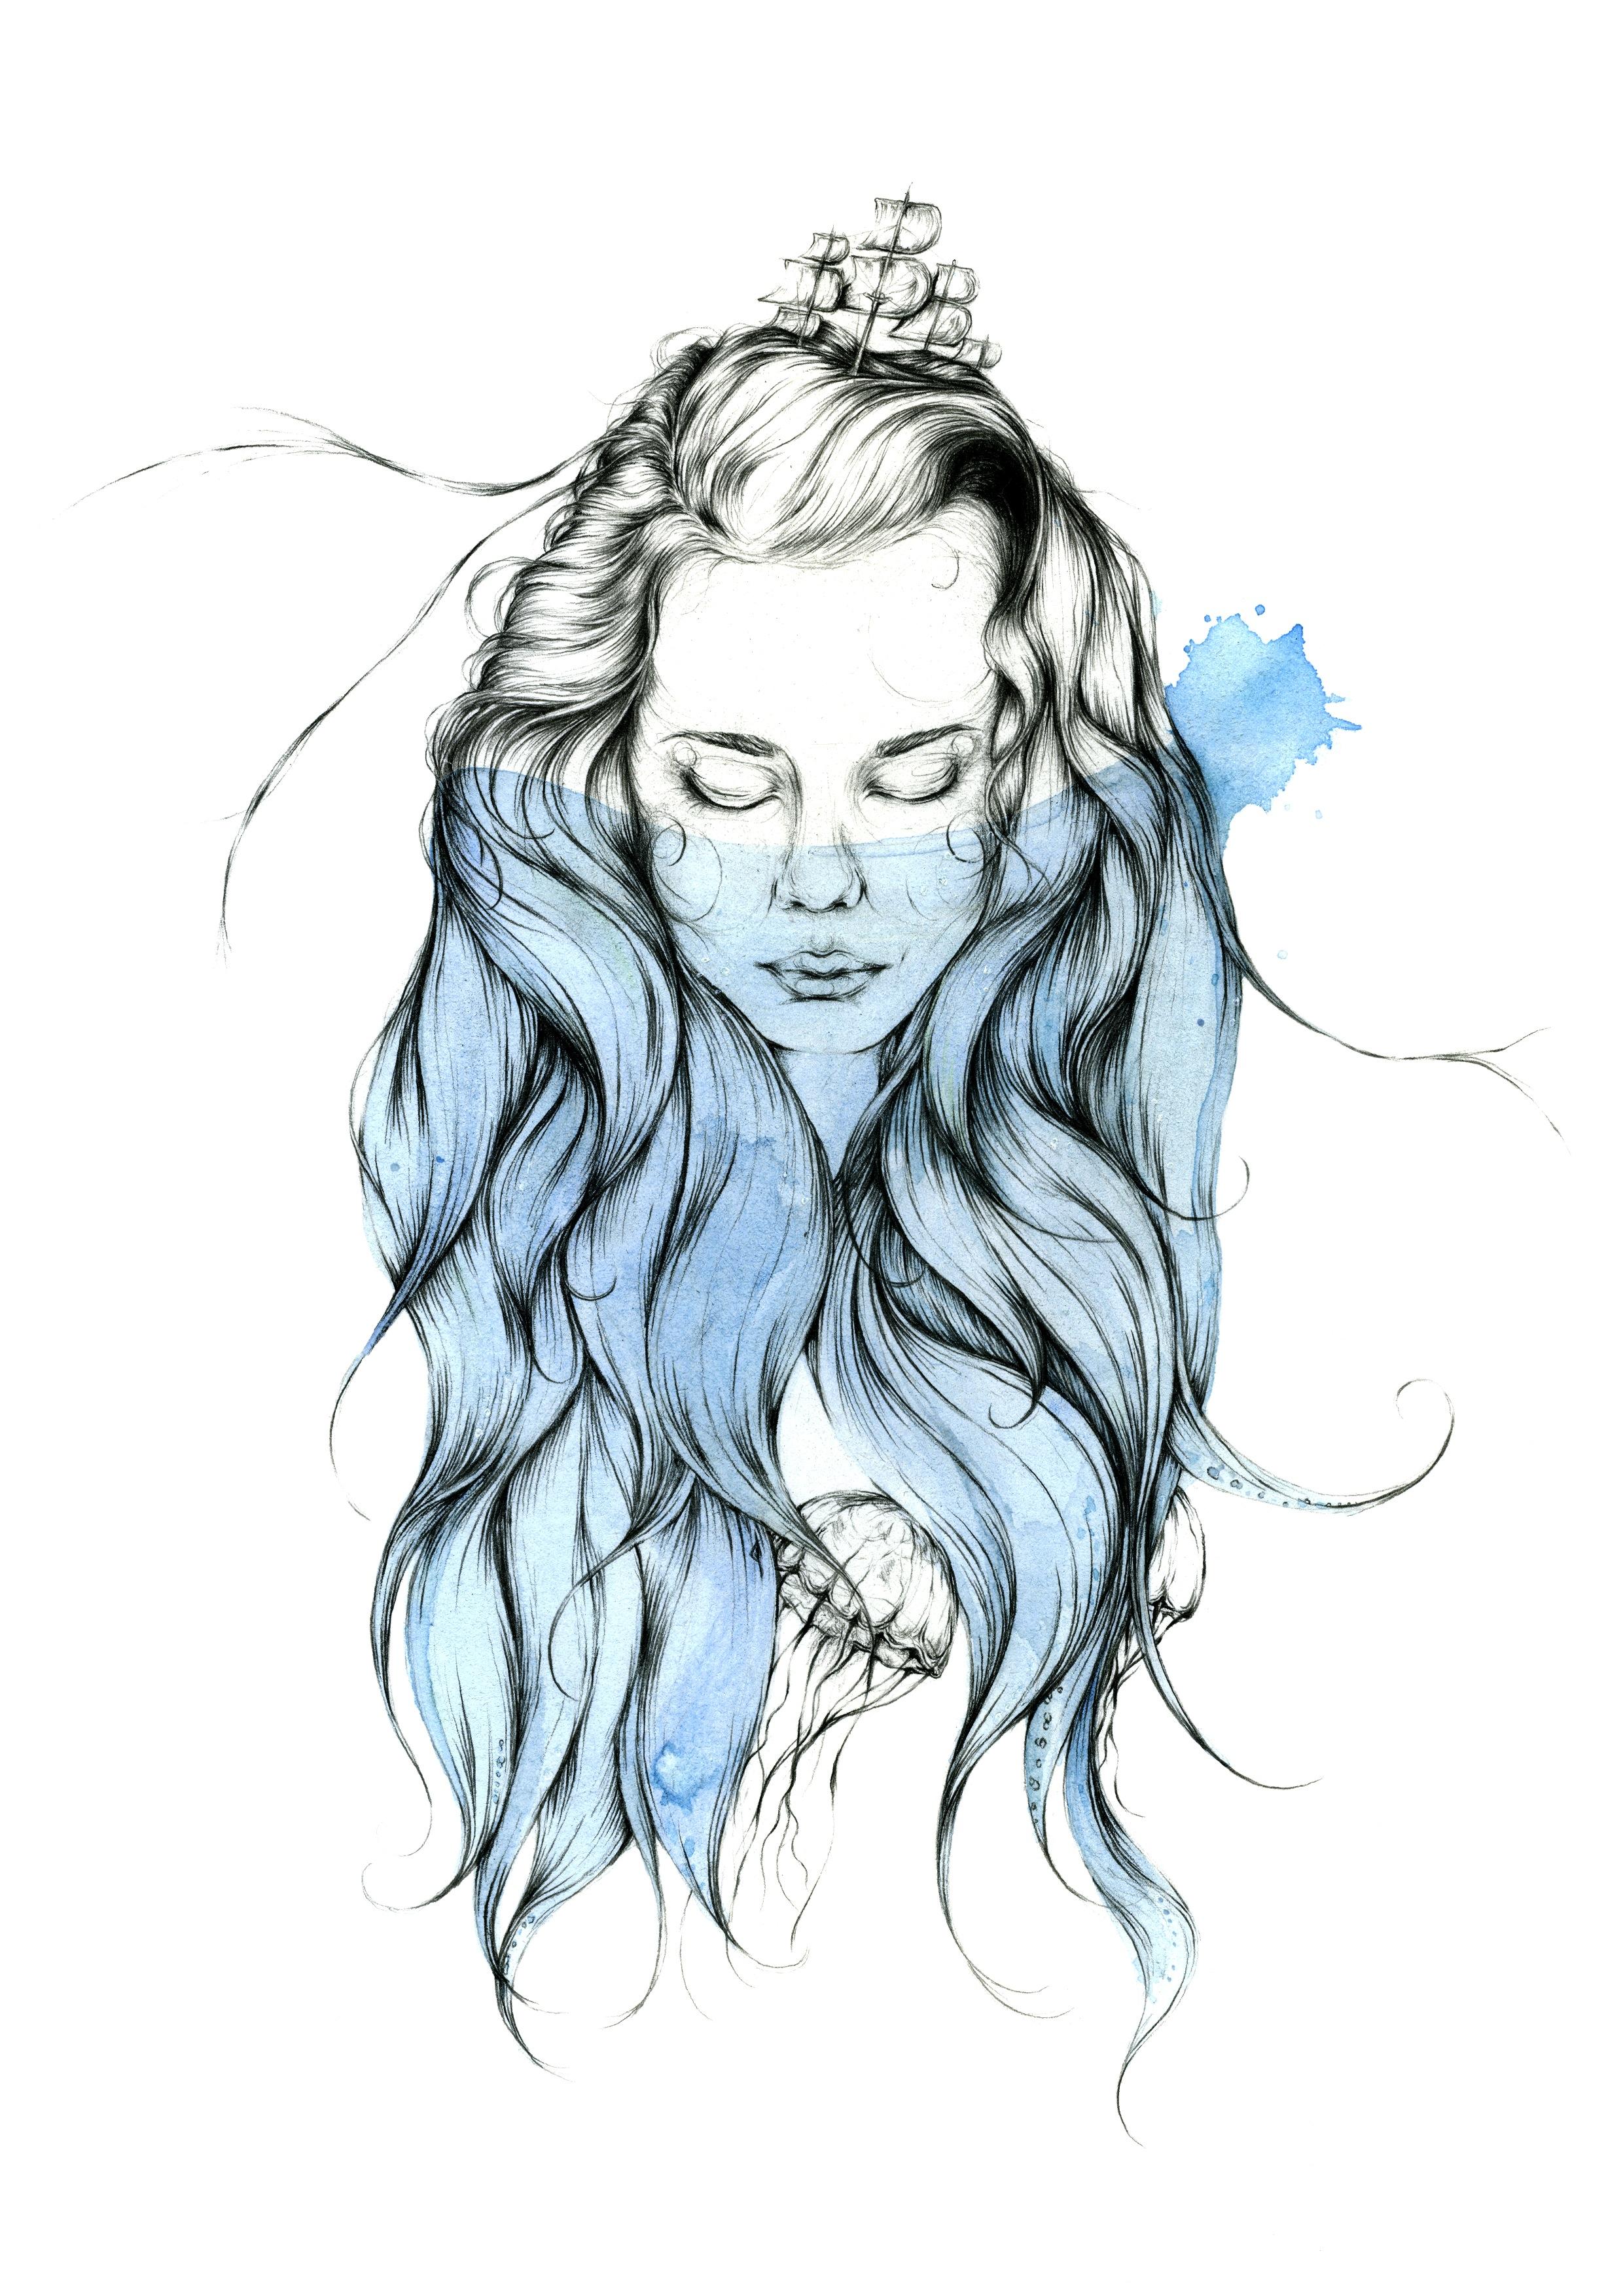 seagirl2.jpg